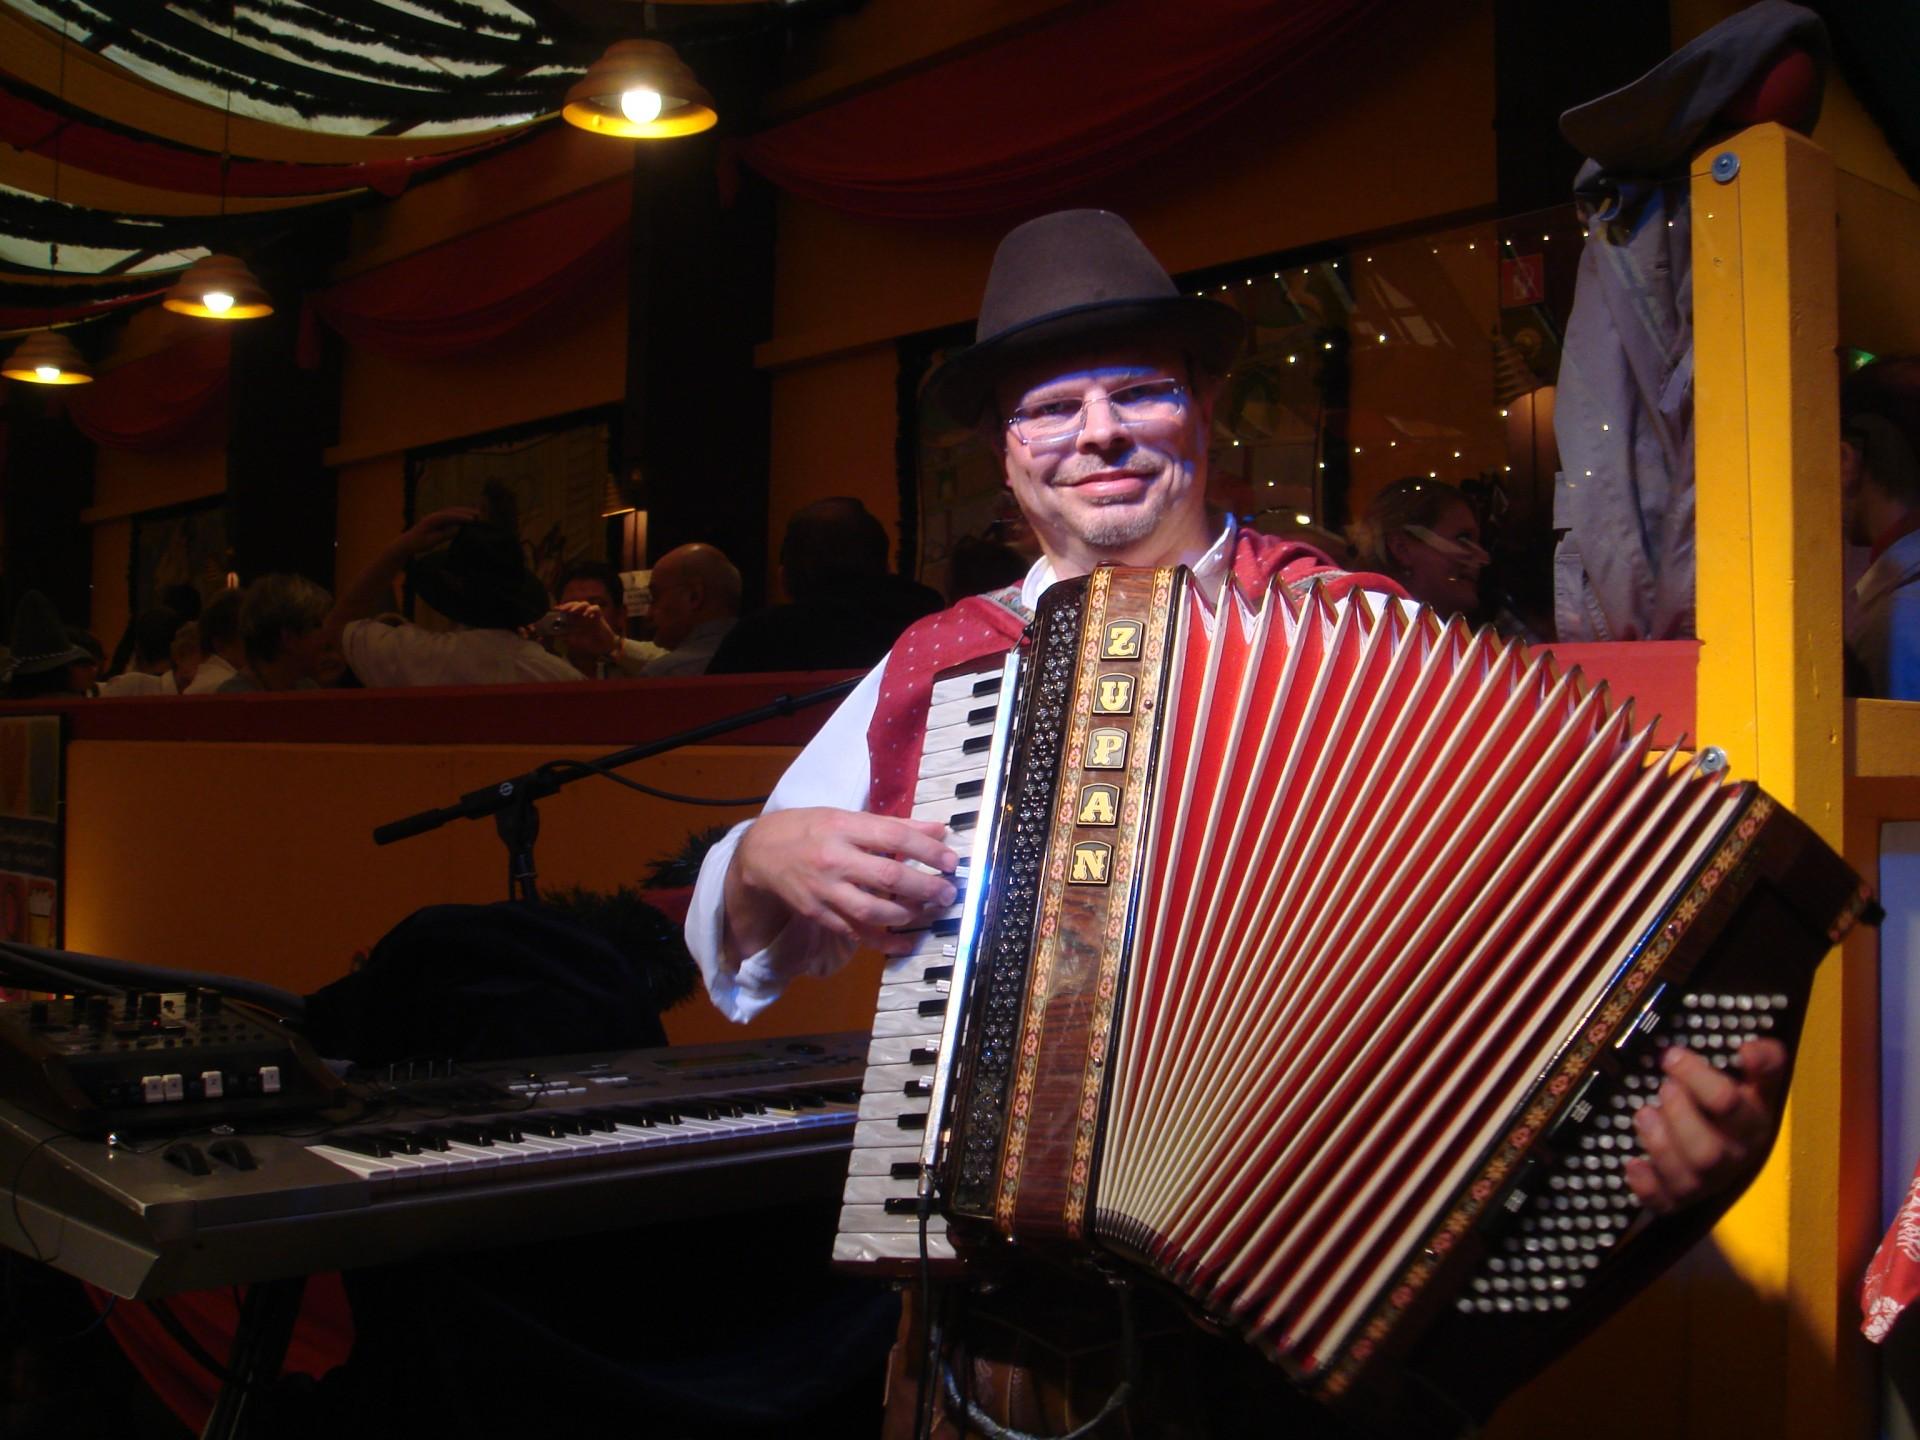 Simmisamma die Oktoberfestband – Konzert Hippodrom Oktoberfest München Deutschland 68